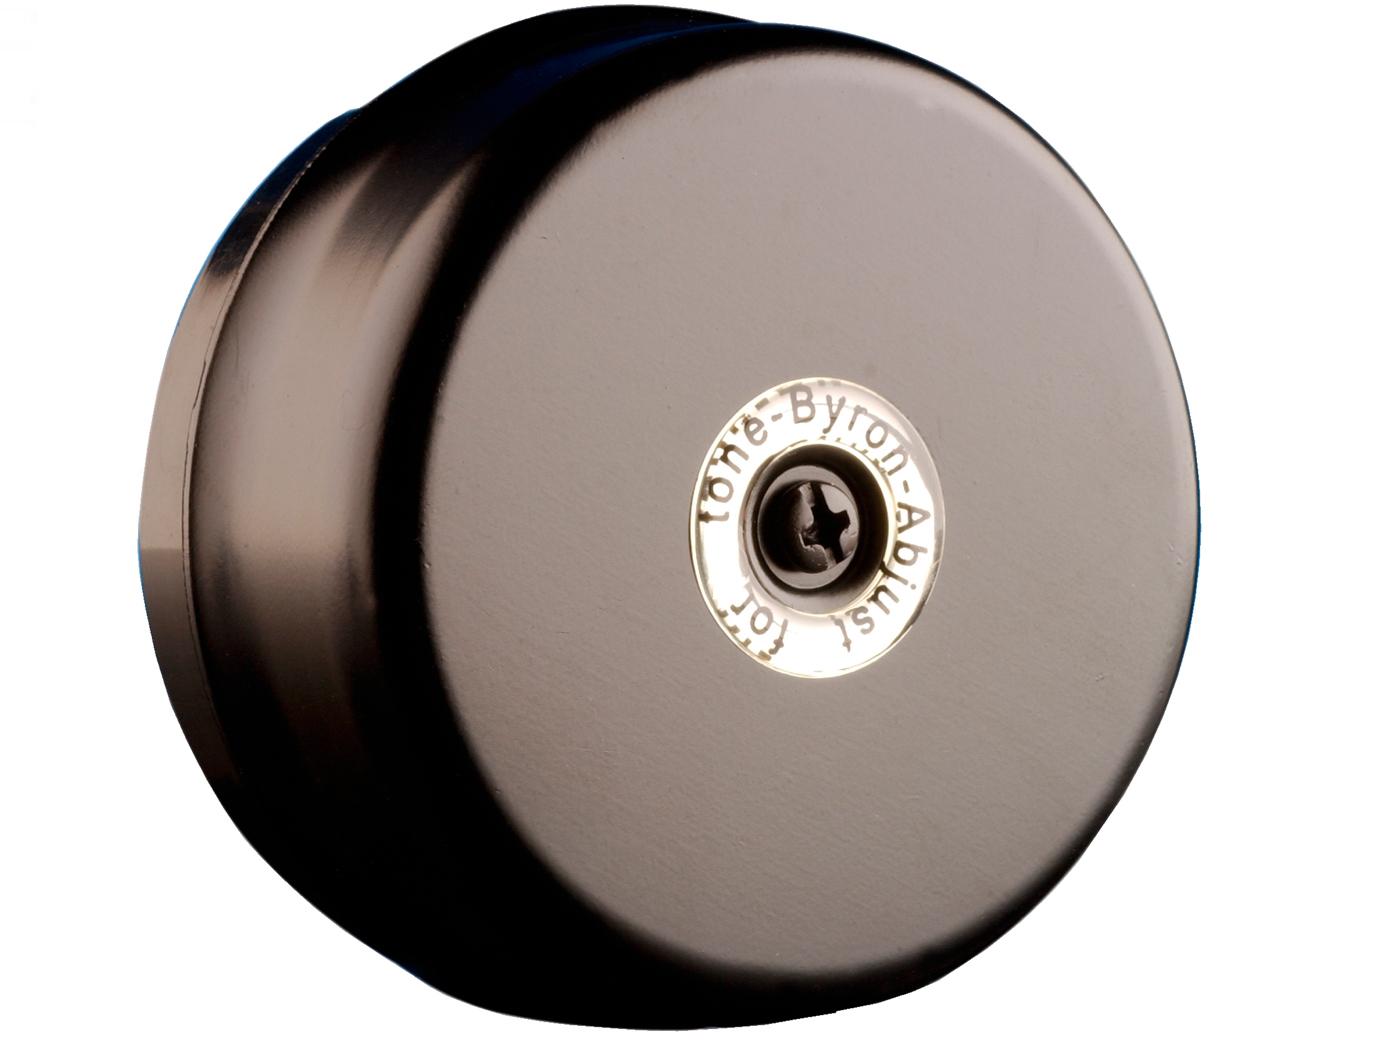 Fabulous Elektrische 2 Draht Türklingel schwarz rund klassischer Klingelton KQ28